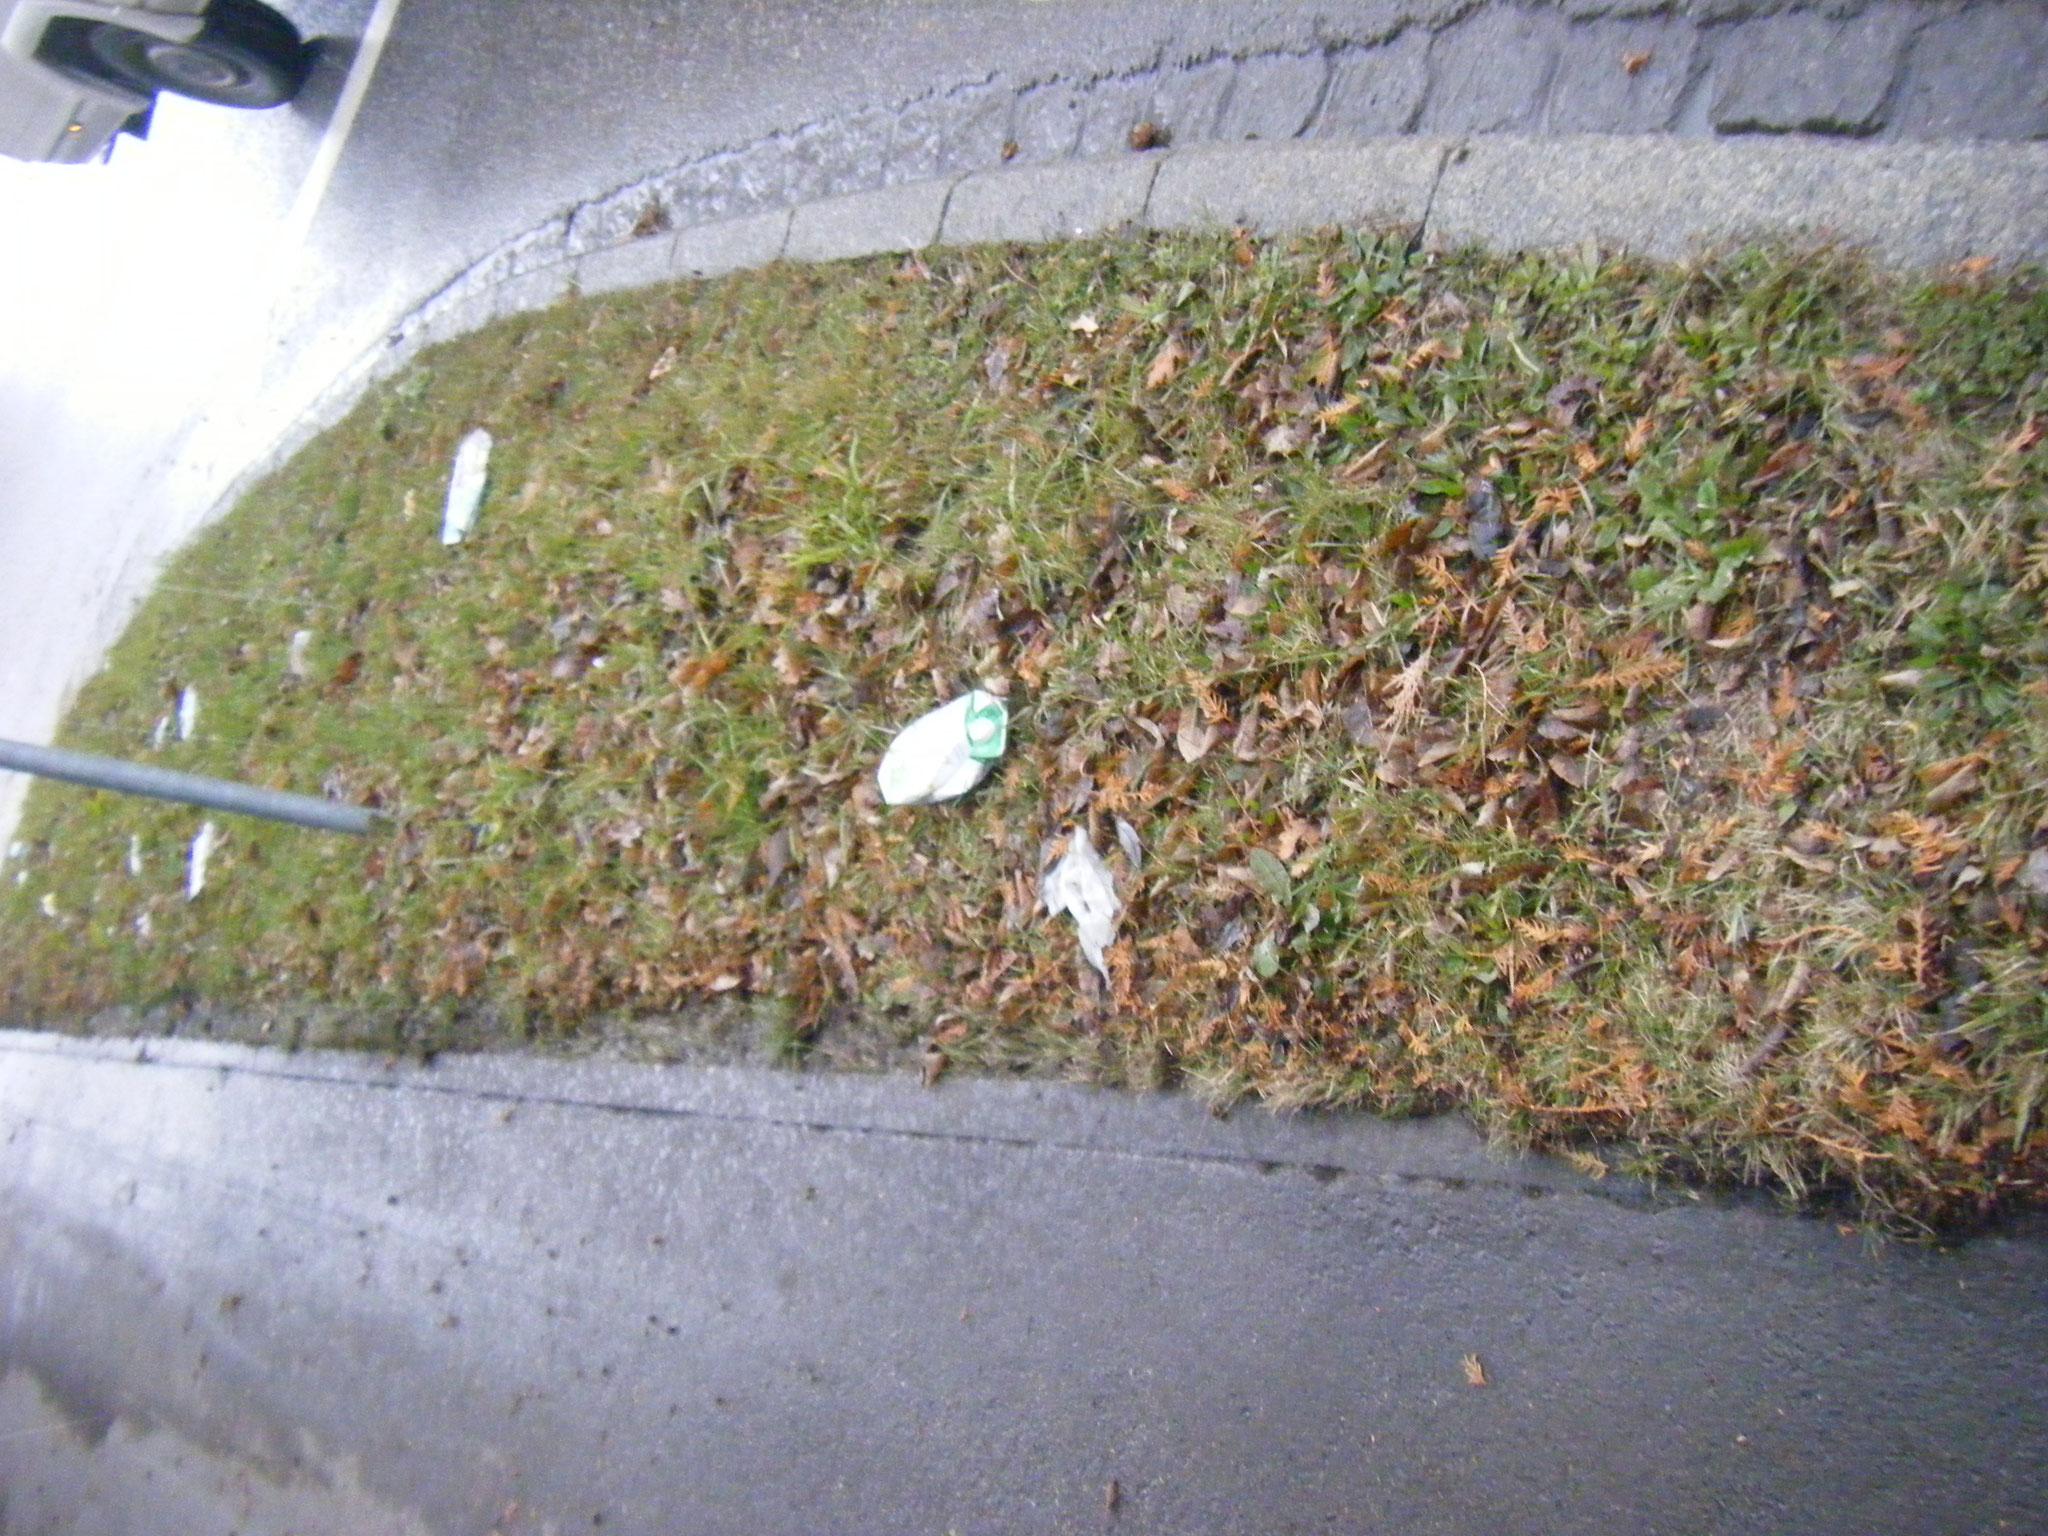 auf diesem Grünstreifen am Kreisverkehr beim Competenz-Center fanden sich auf 3 qm 32 Müllteile